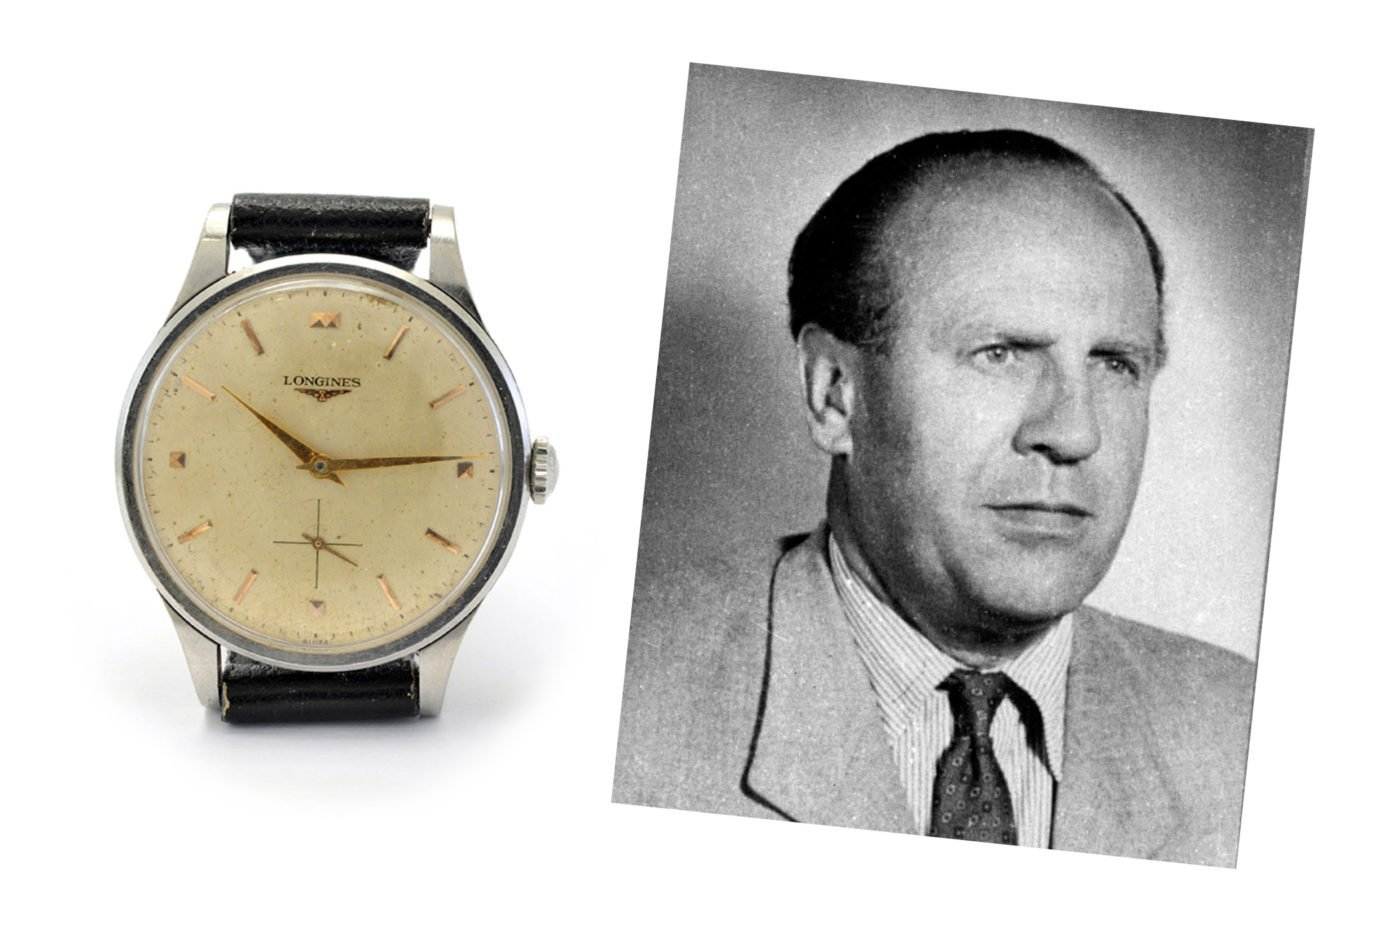 Aukcje Zegarek Longines Oskara Schindlera na sprzedaż